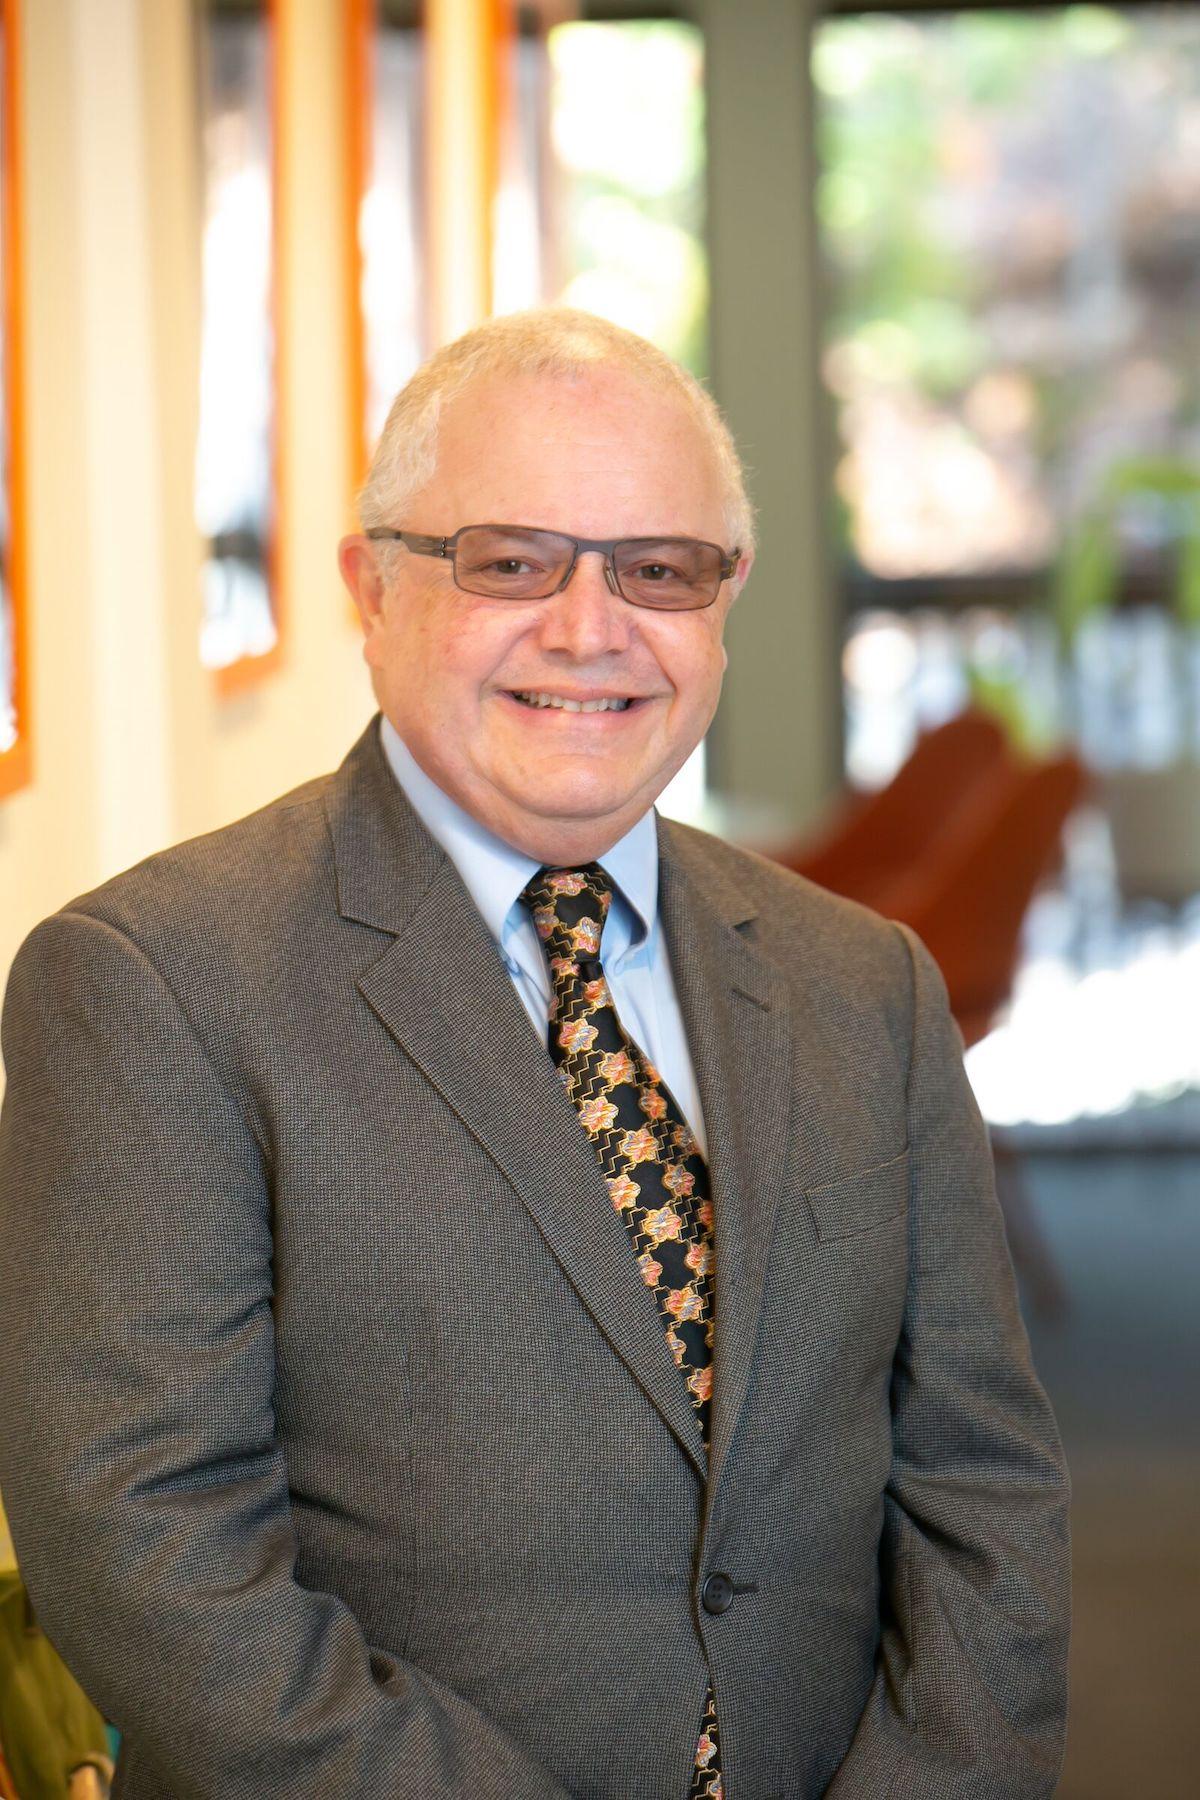 Loren B. Kayfetz, MSFS, CFP®, ChFC, CLU